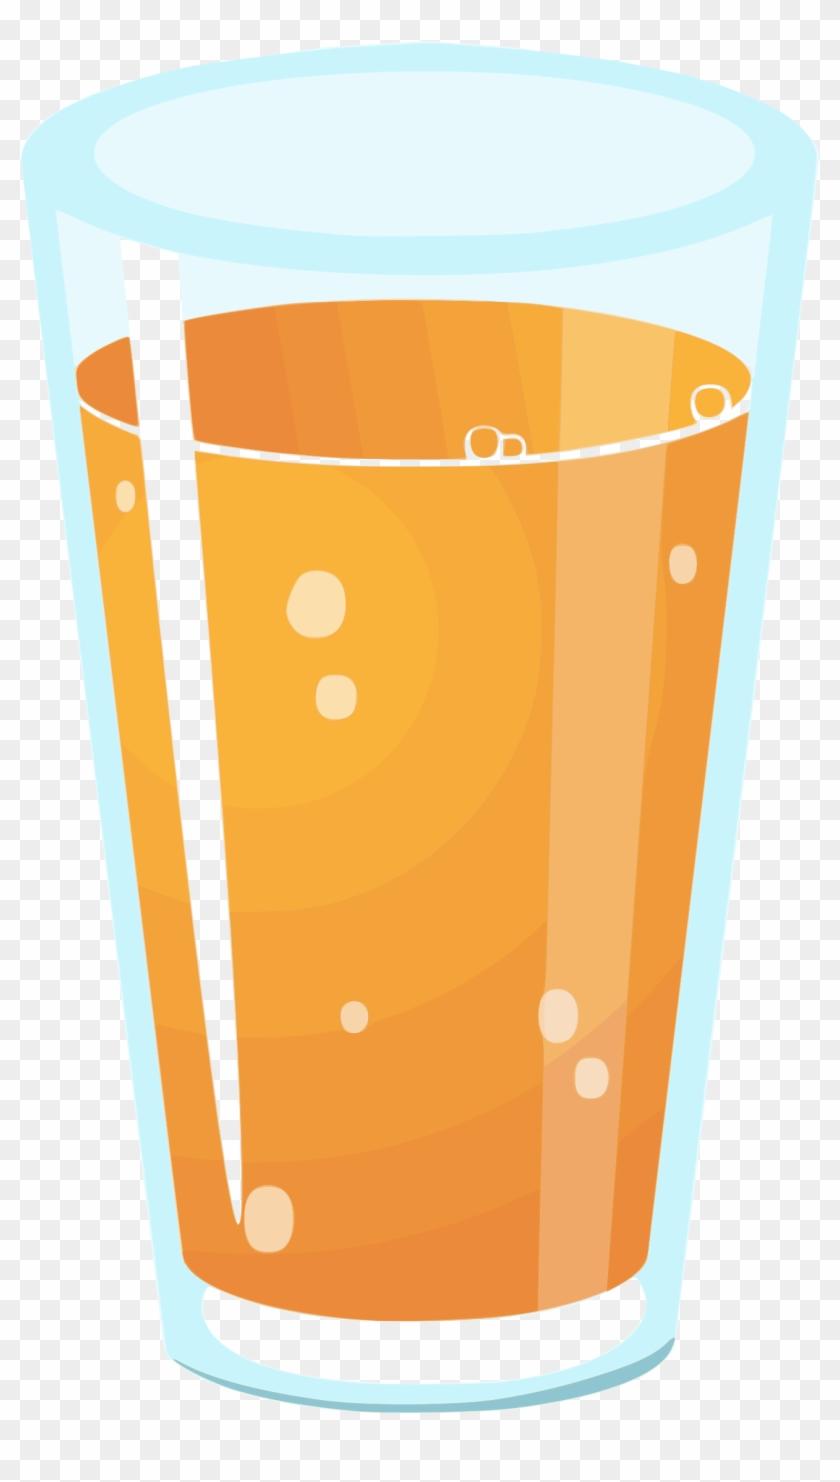 Medium Image - Glass Of Orange Juice Clipart #270075